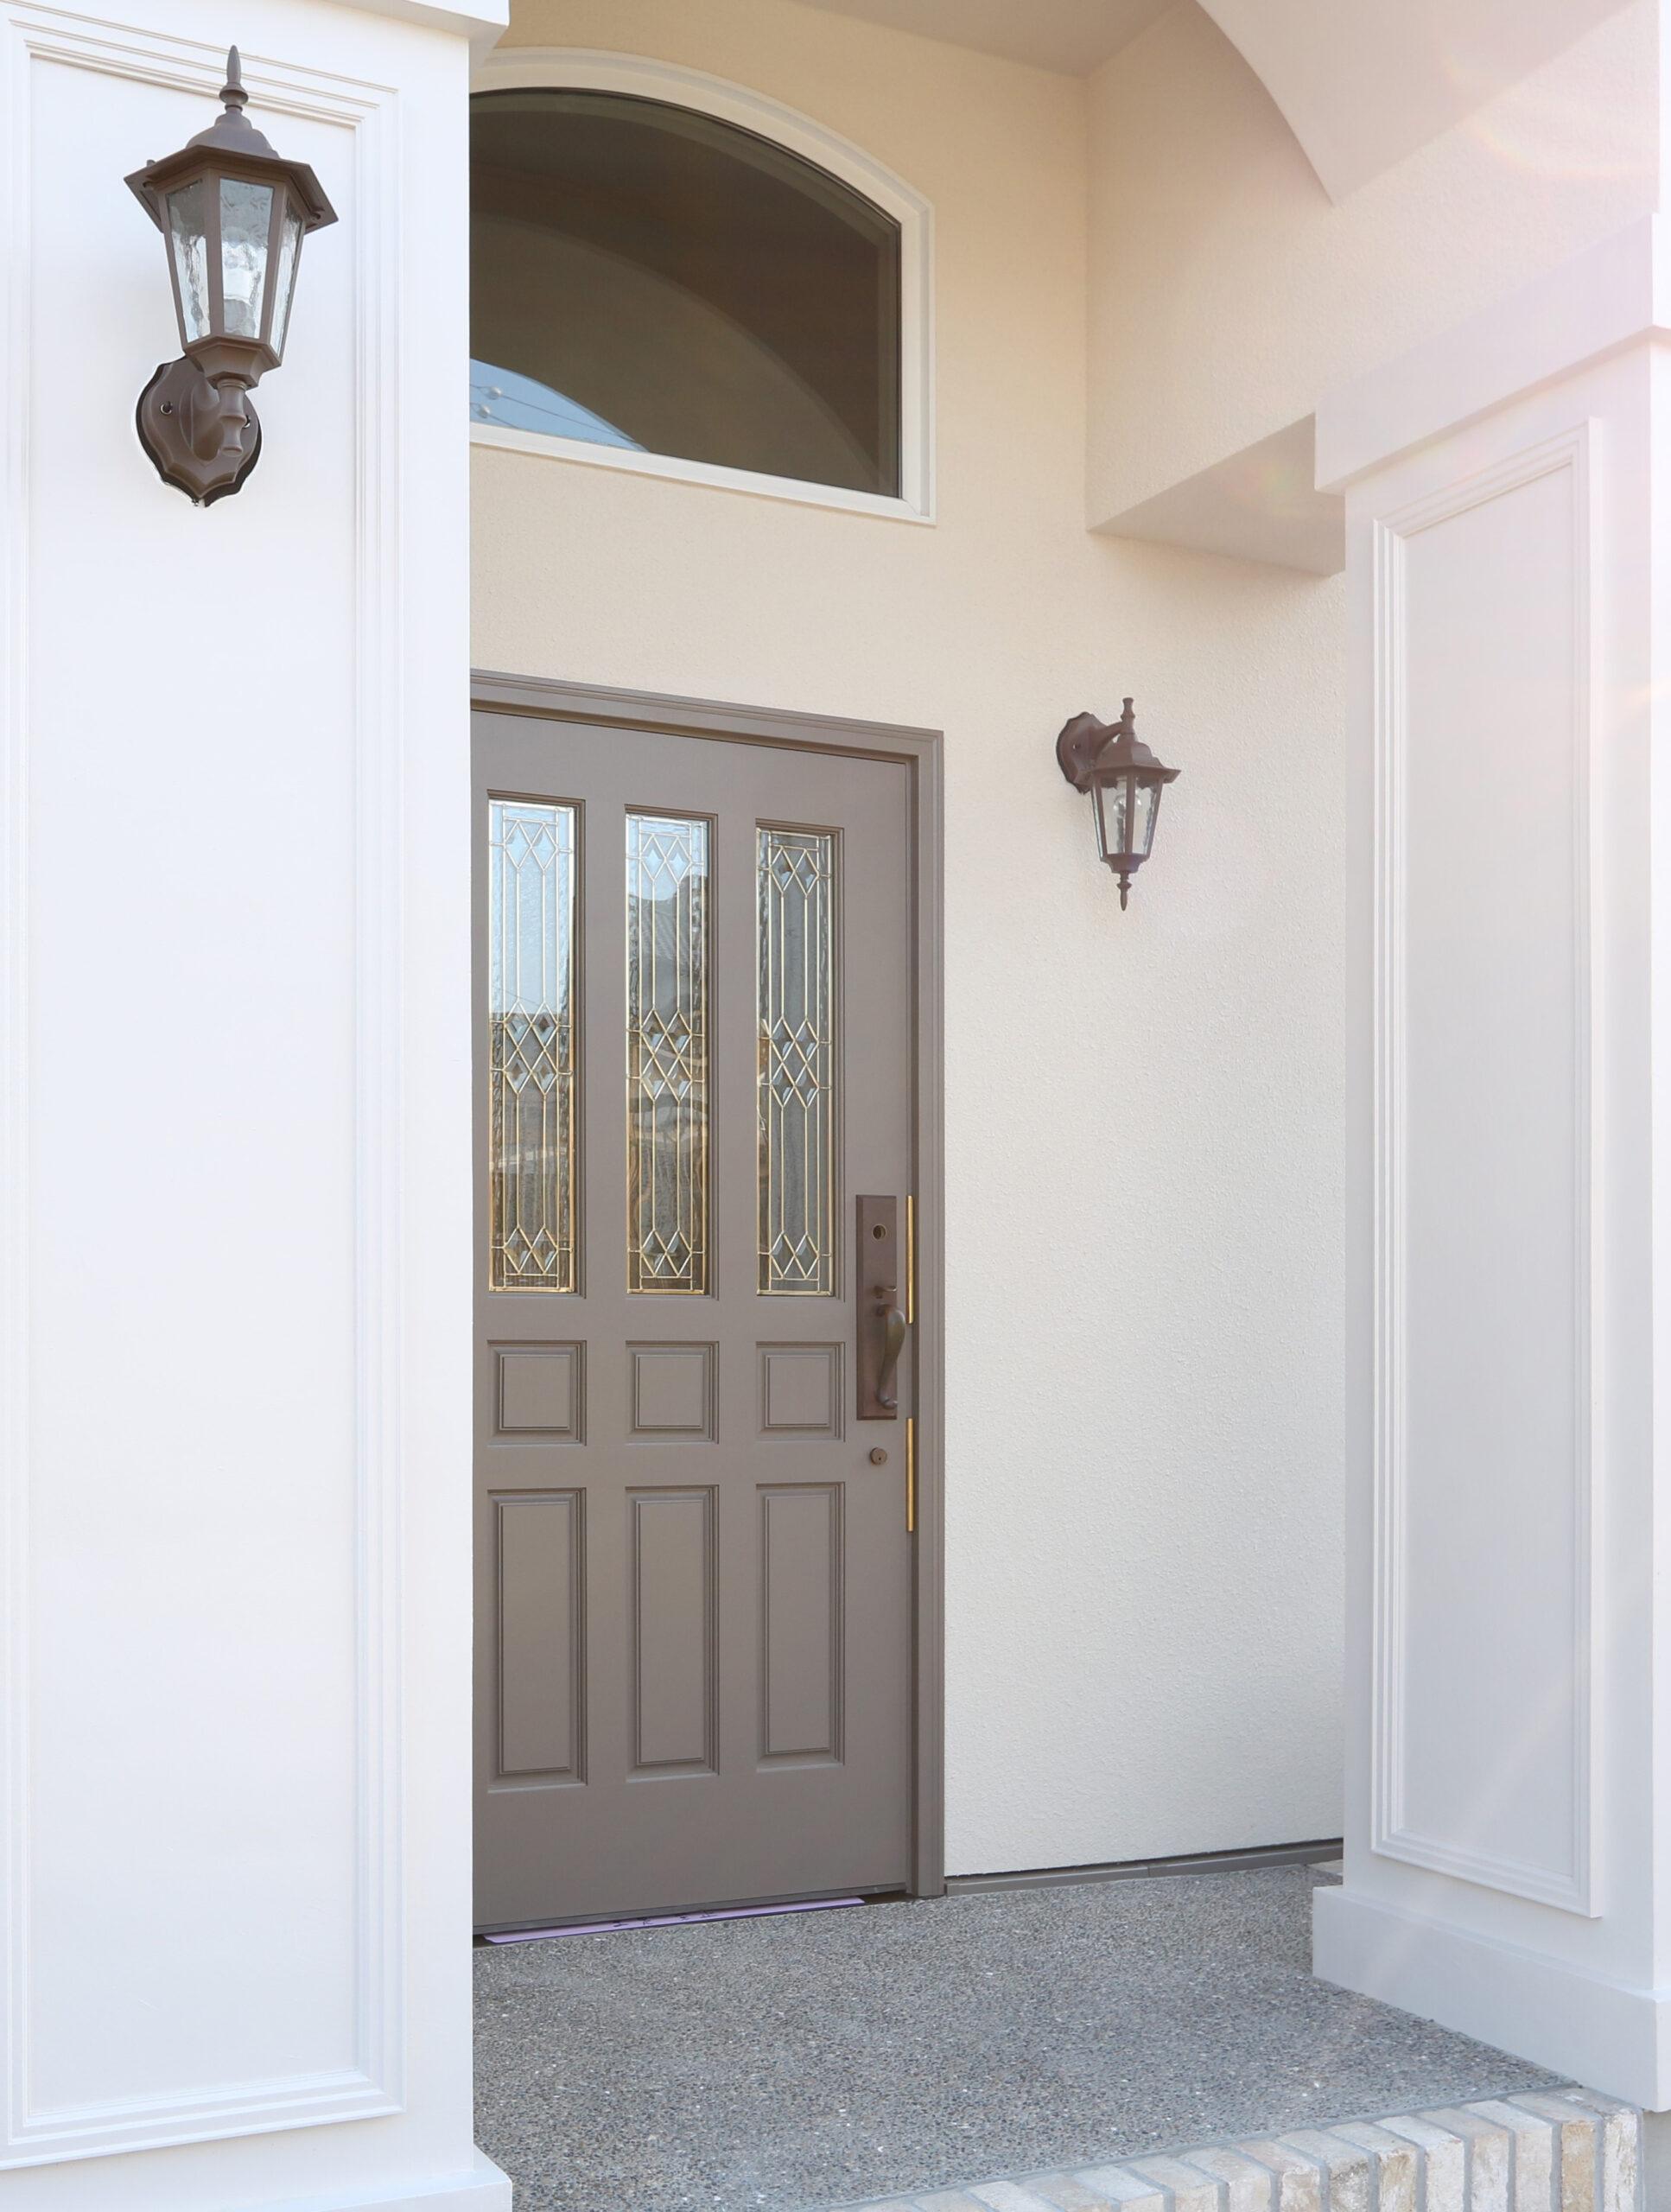 木製ドアをグレージュに塗装。照明器具もシャビーシックなセレクト。アーチ吹抜けのデザイン柱が奥行感を増します。